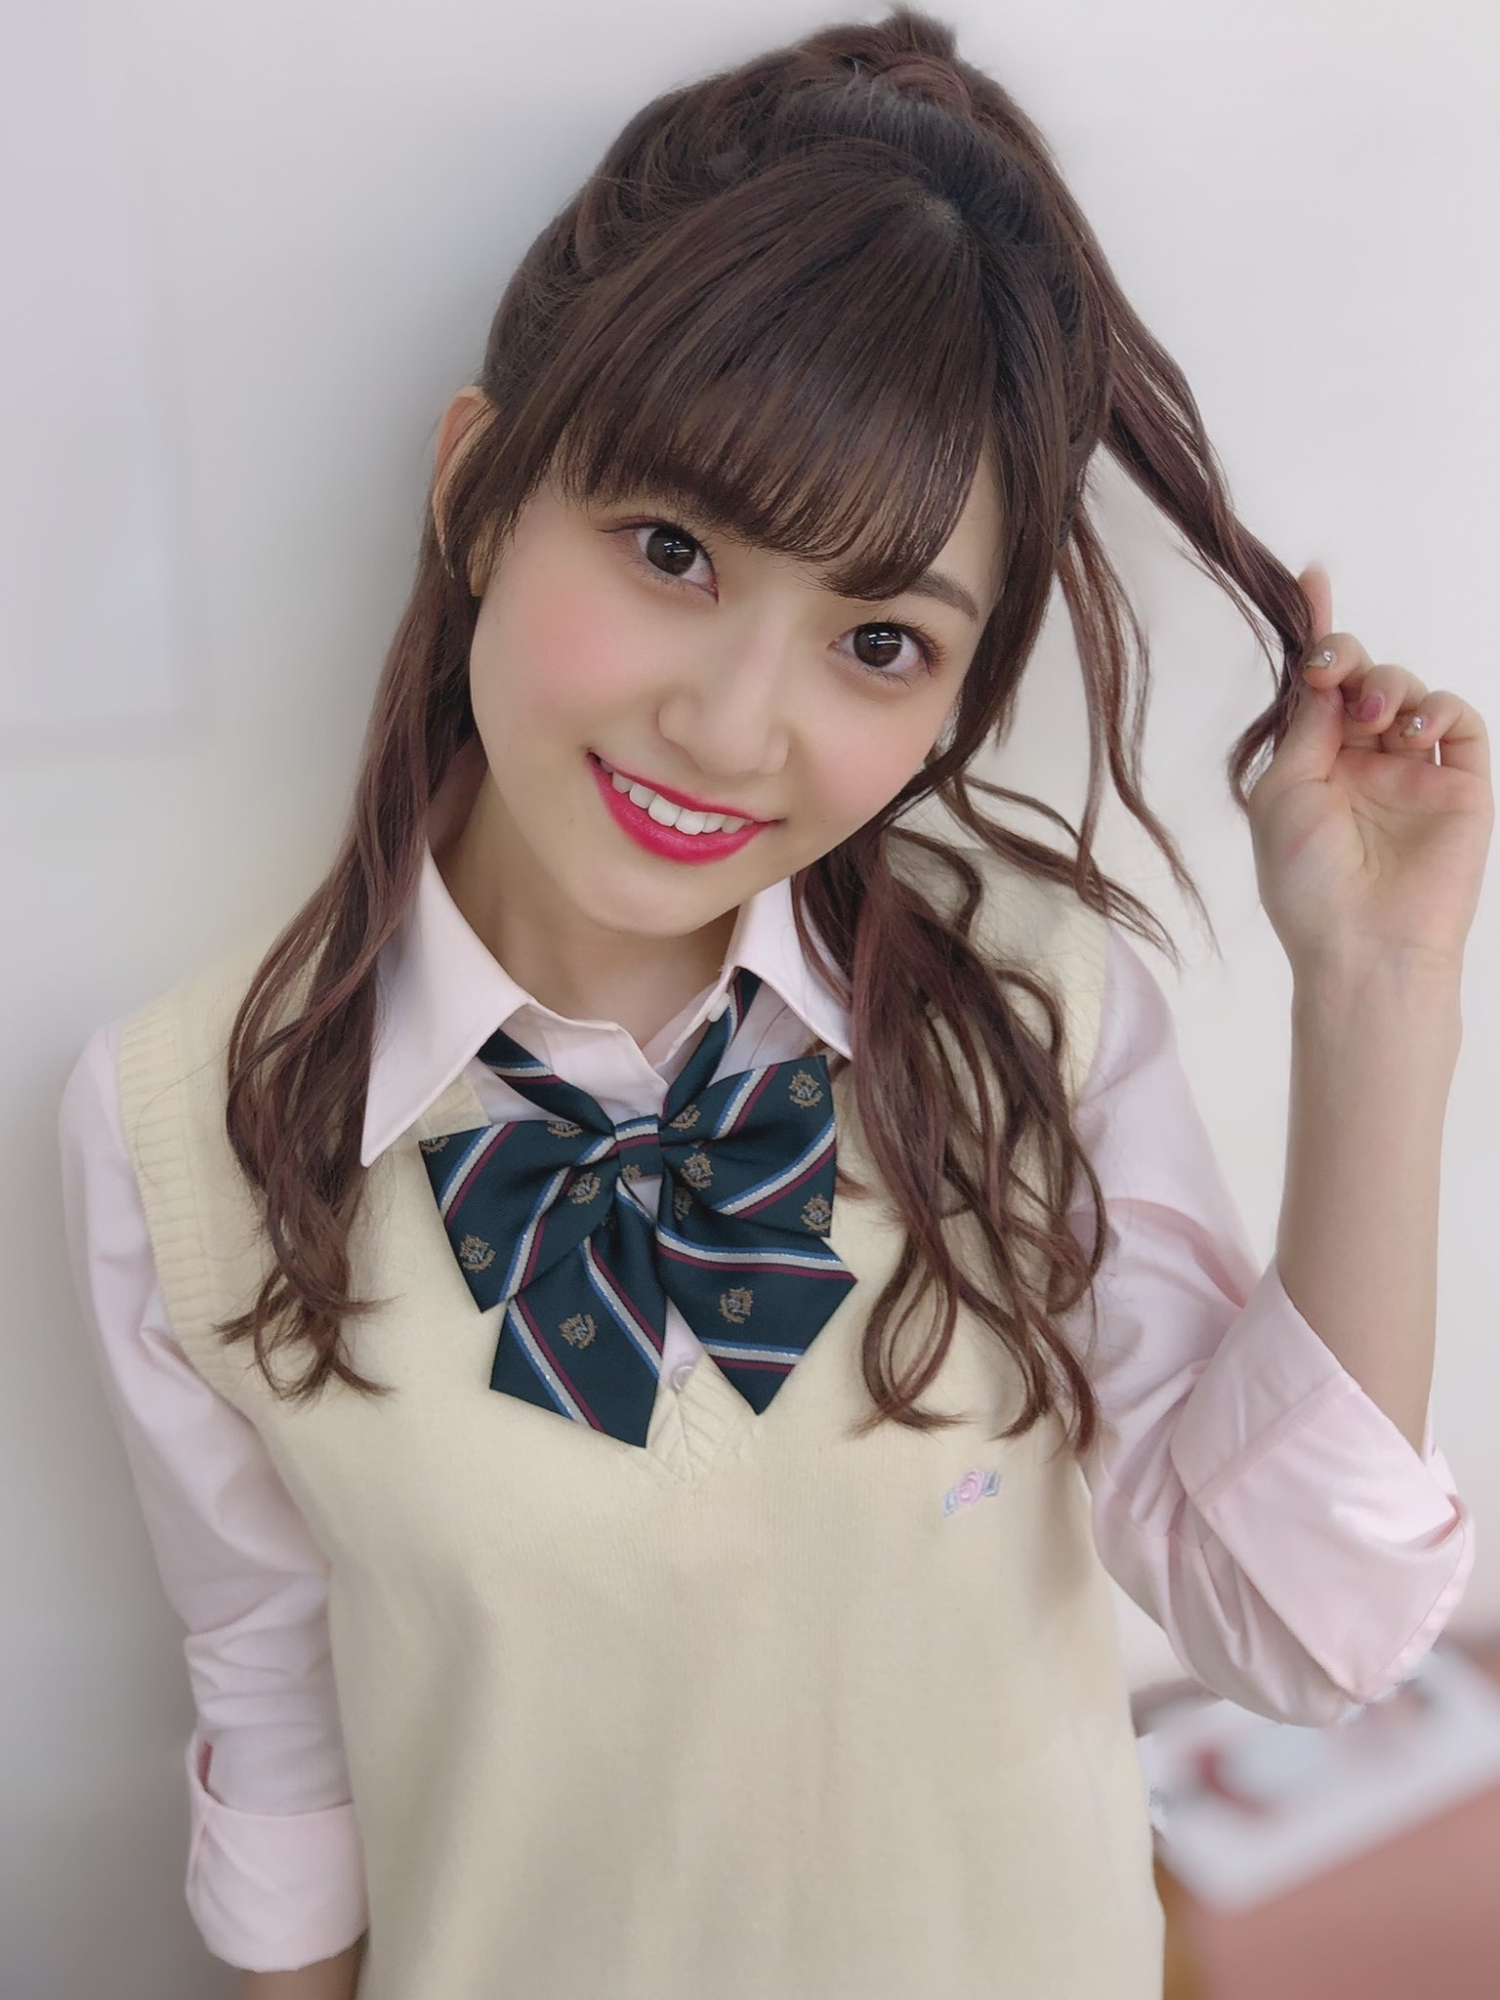 猫系少女「朝日花奈」甜美外型宛如初恋降临独特「温柔气质」让人难以抗拒